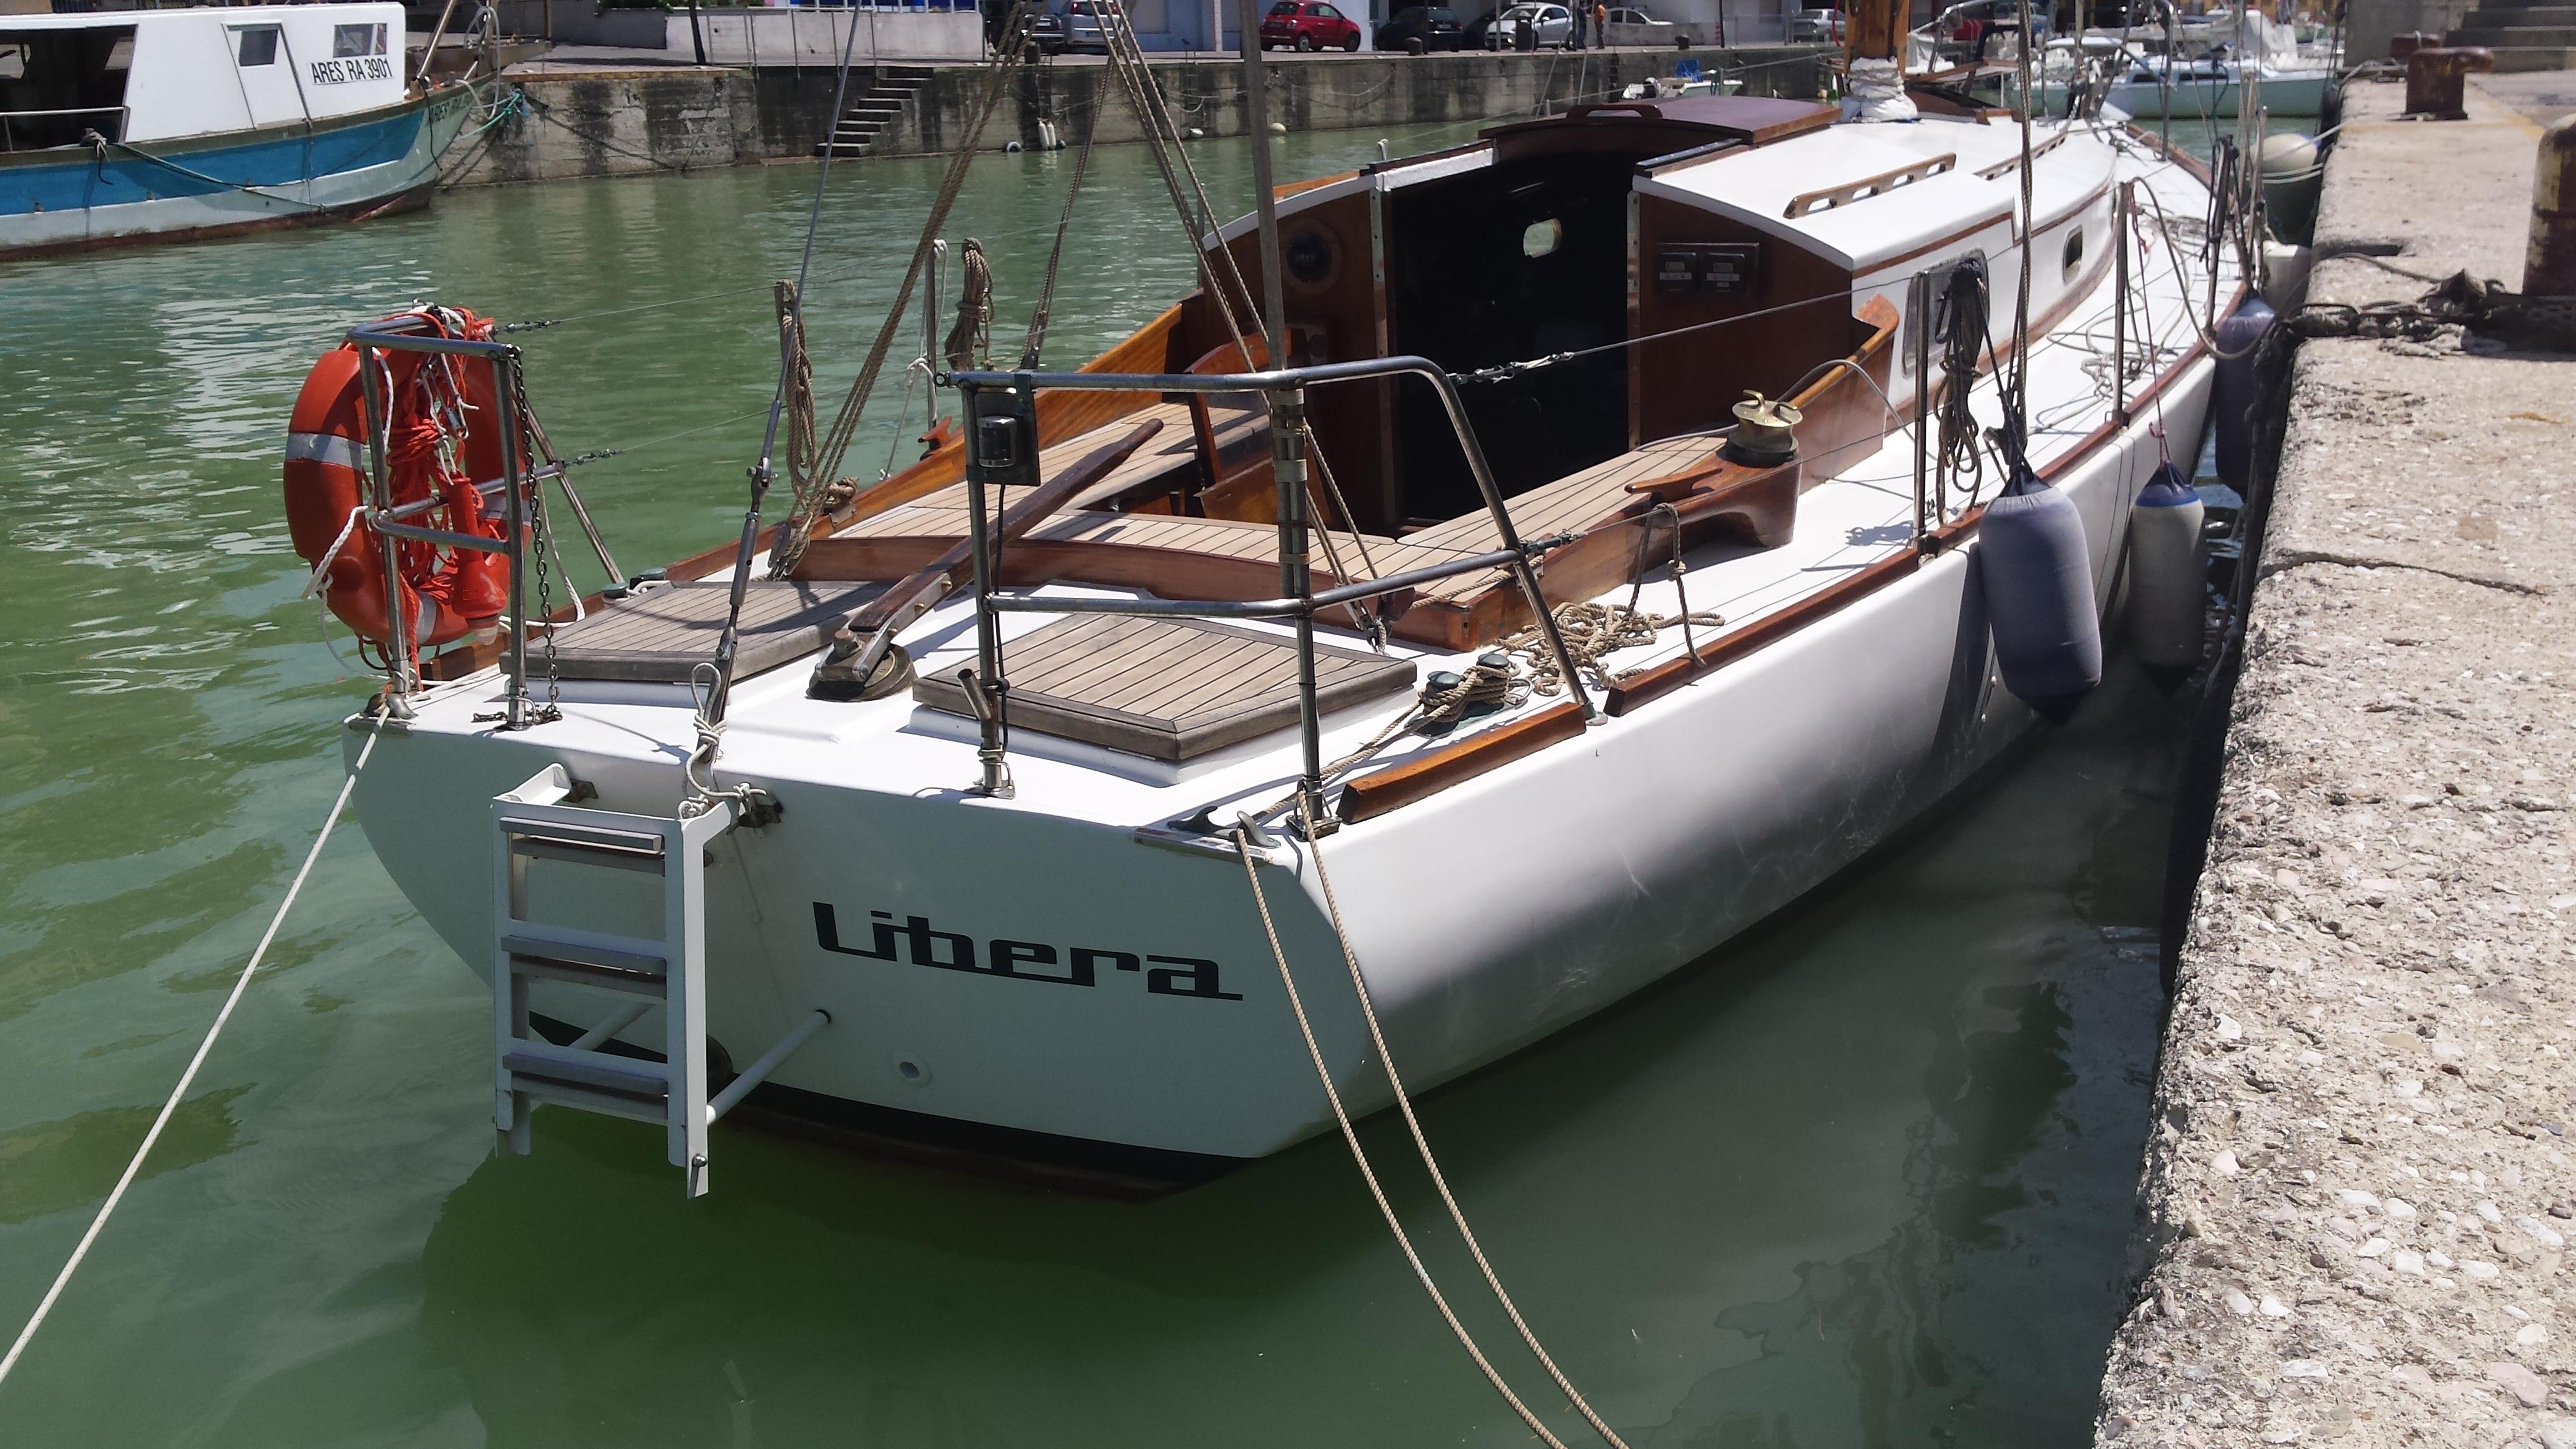 Barche a vela usate lissiot matassi cattolica 1490 for Accessori per barca a vela